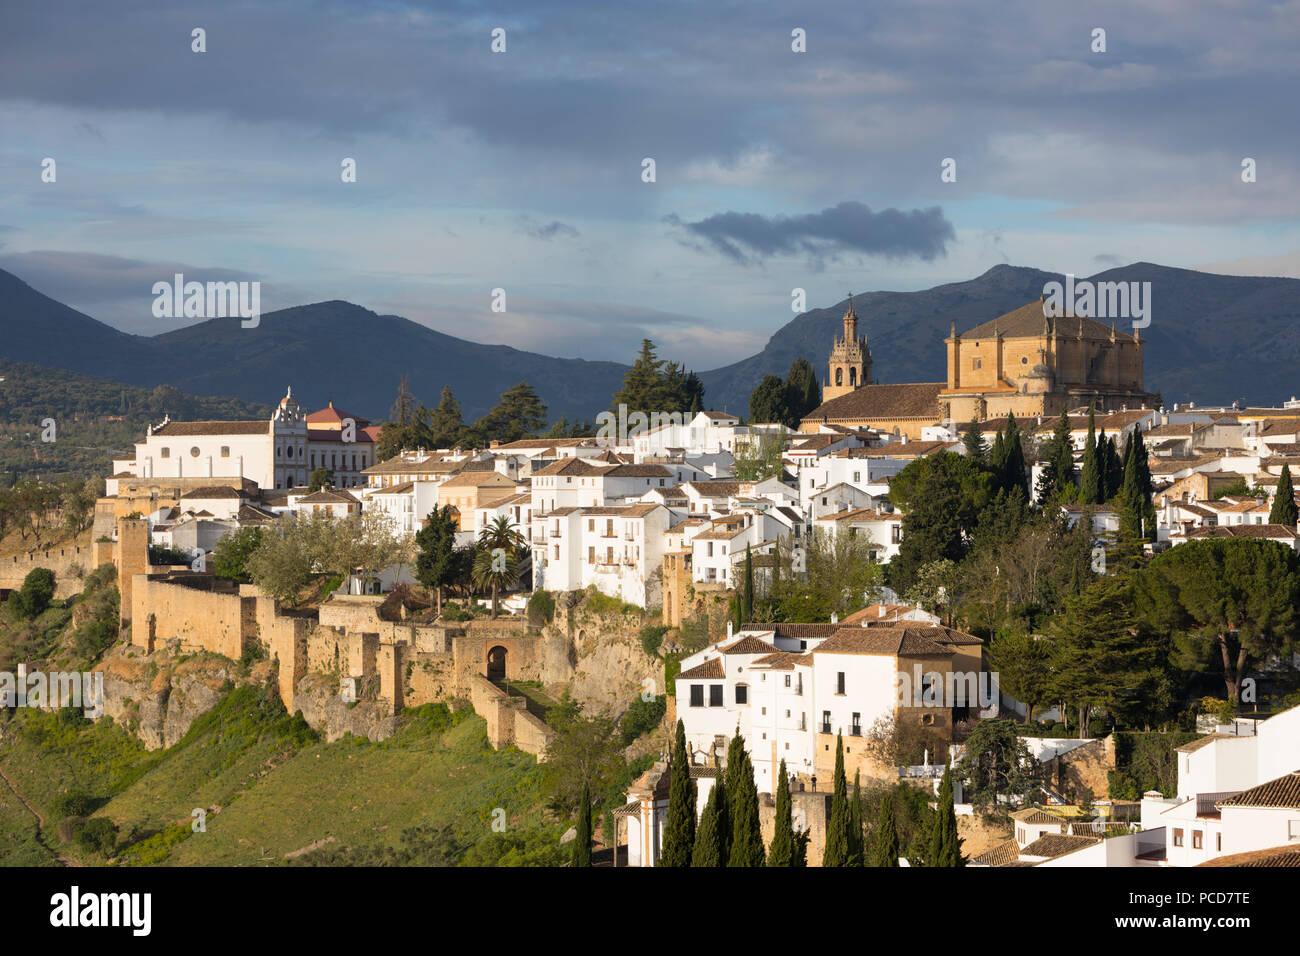 Vista sobre la vieja ciudad blanca y la Iglesia de Santa María la Mayor, Ronda, Andalucia, España, Europa Imagen De Stock